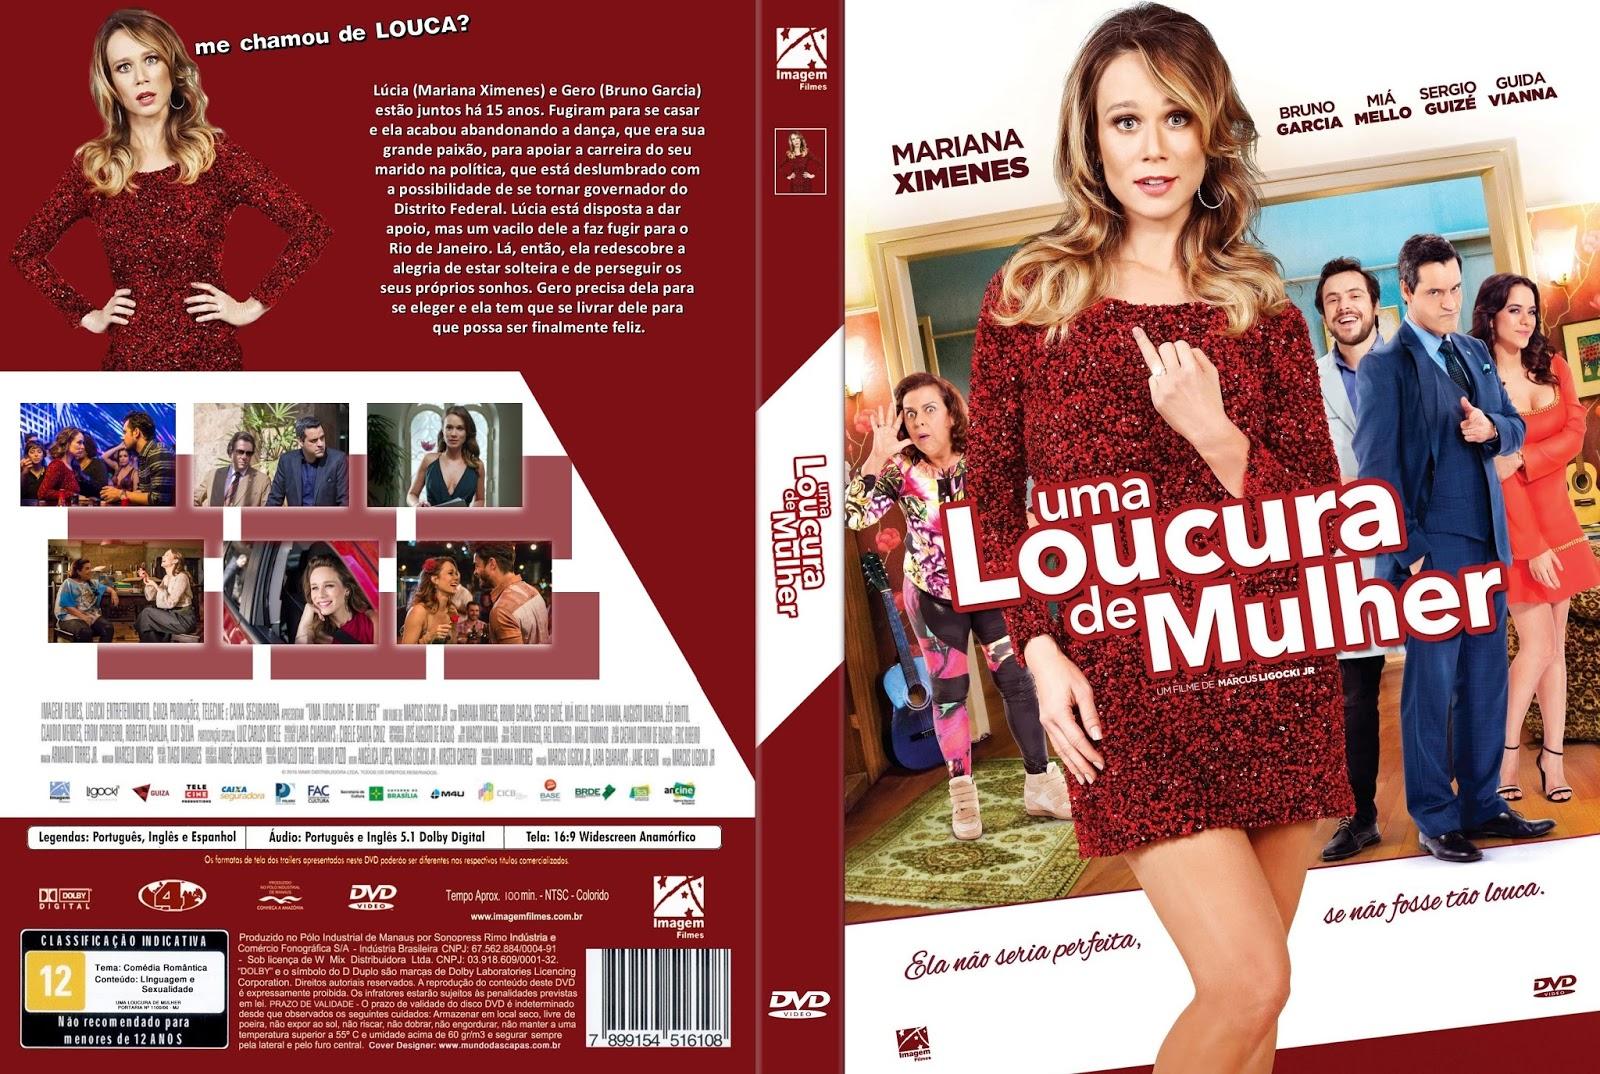 Uma Loucura de Mulher DVDRip Nacional Uma Loucura de Mulher DVDRip Nacional OgkykUZ